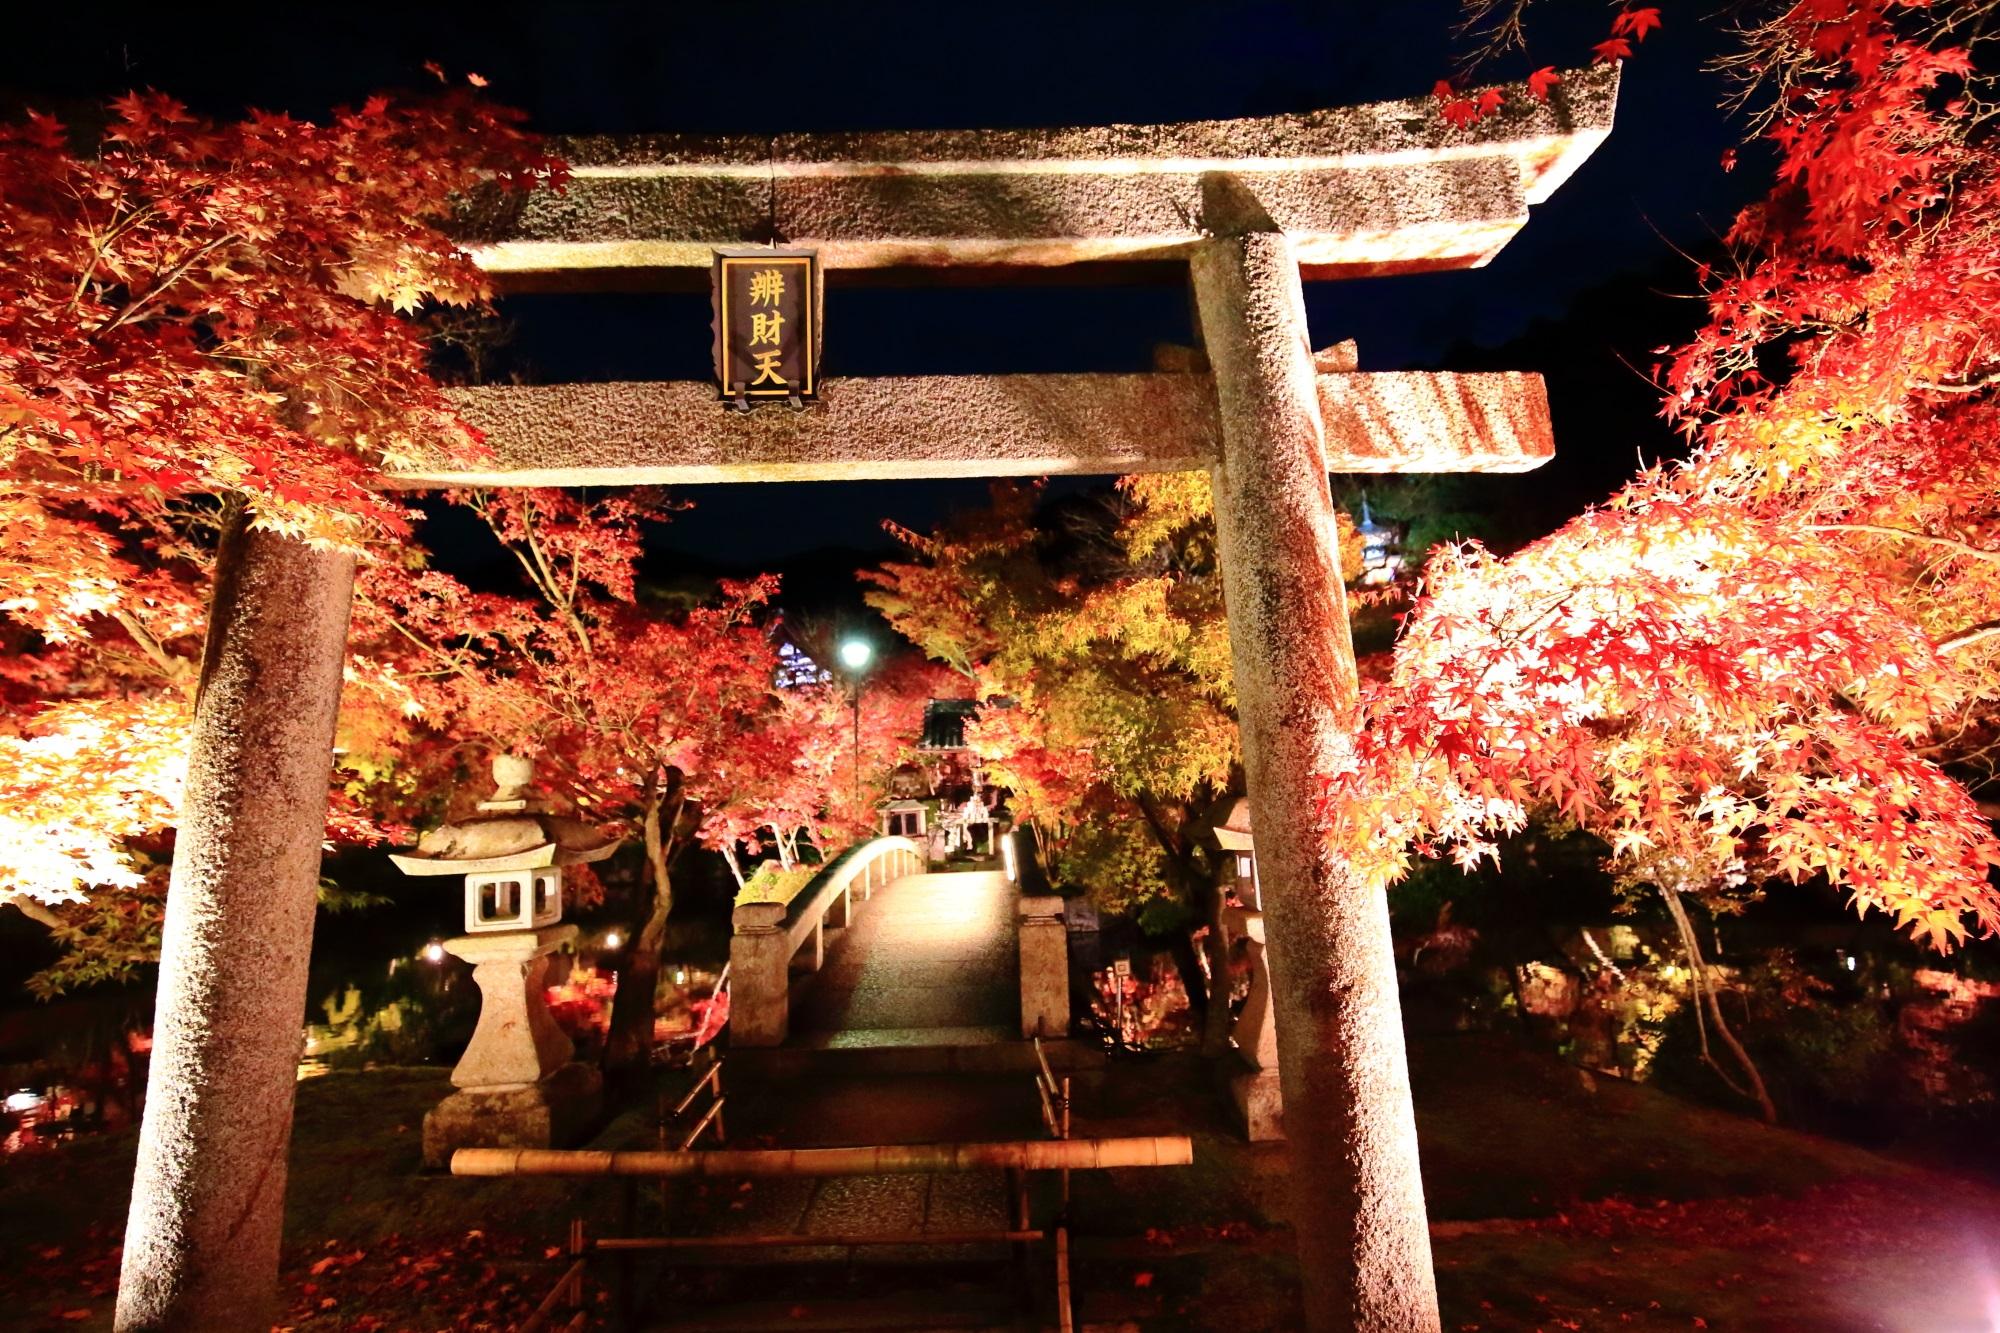 永観堂の弁天社と素晴らしい紅葉